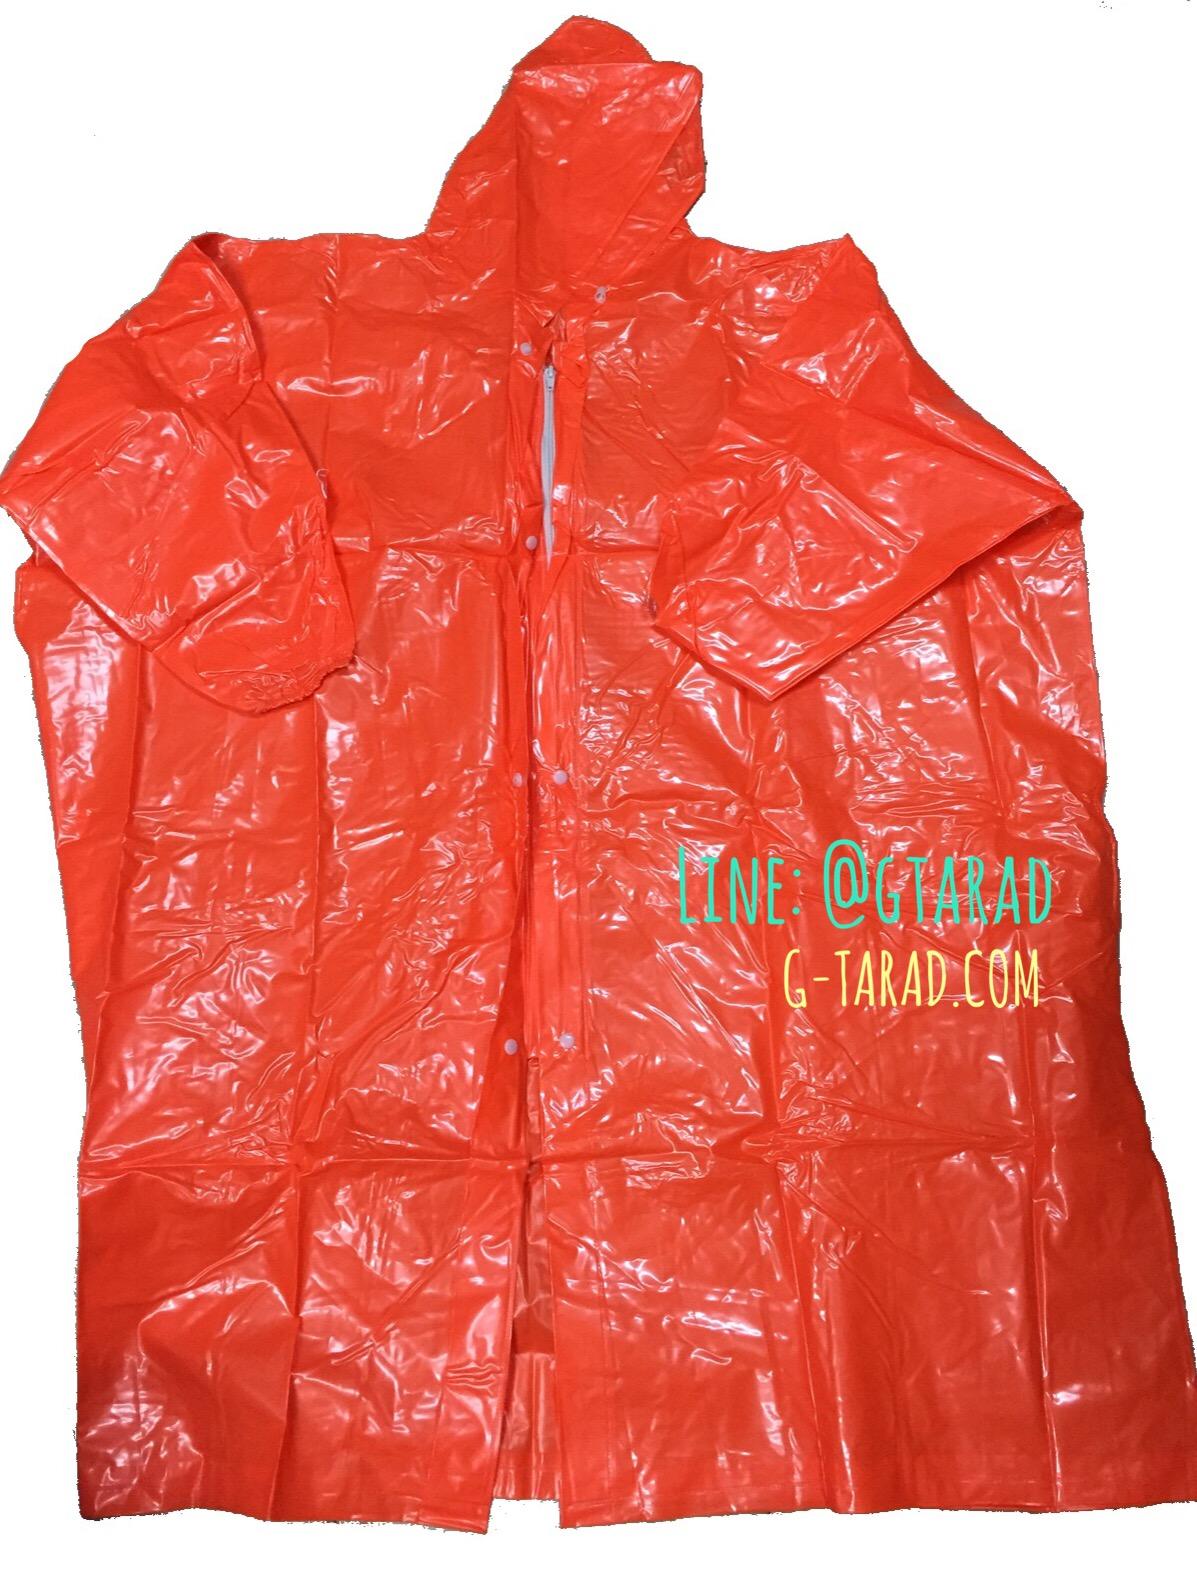 เสื้อฝนปันโจ ผ้ามุกอย่างหนา แขนจั๊ม ผ่าหน้ามีซิป